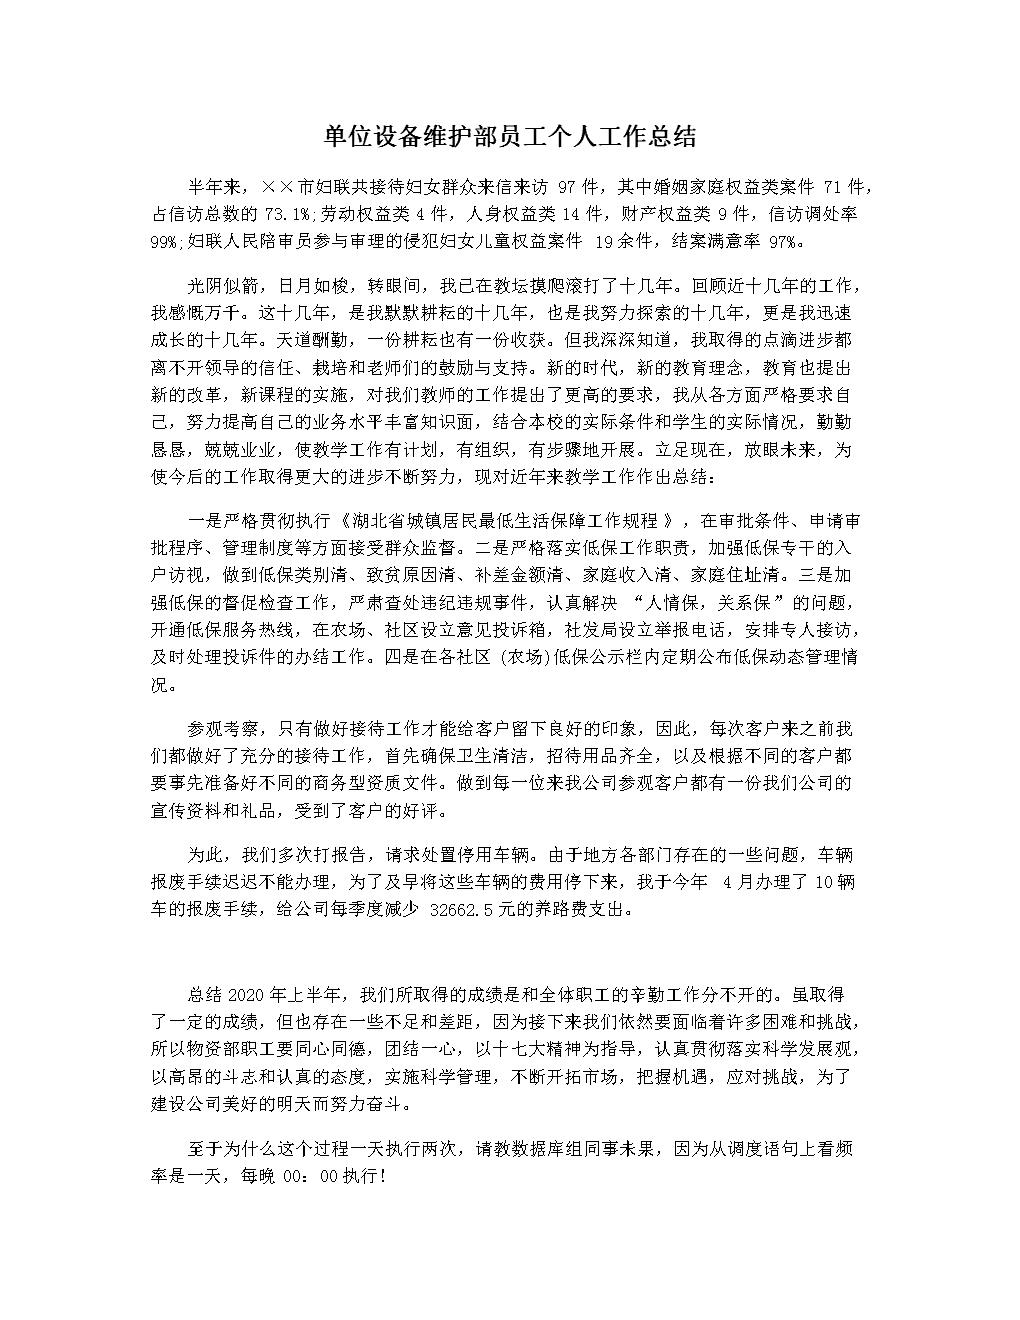 单位设备维护部员工个人工作总结.docx